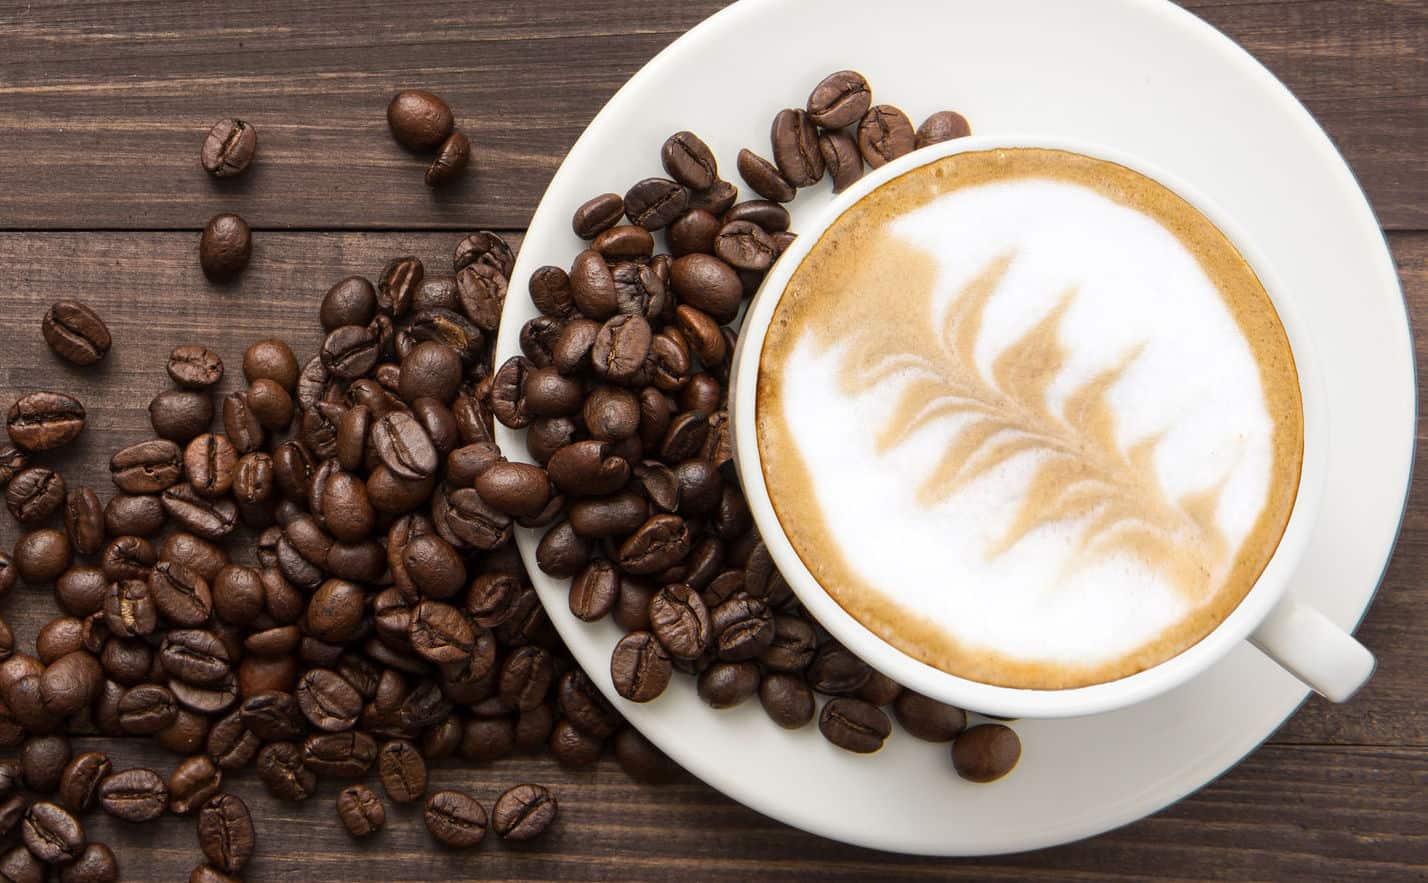 Miglior macchina caffè capsule 2021: Guida all'acquisto